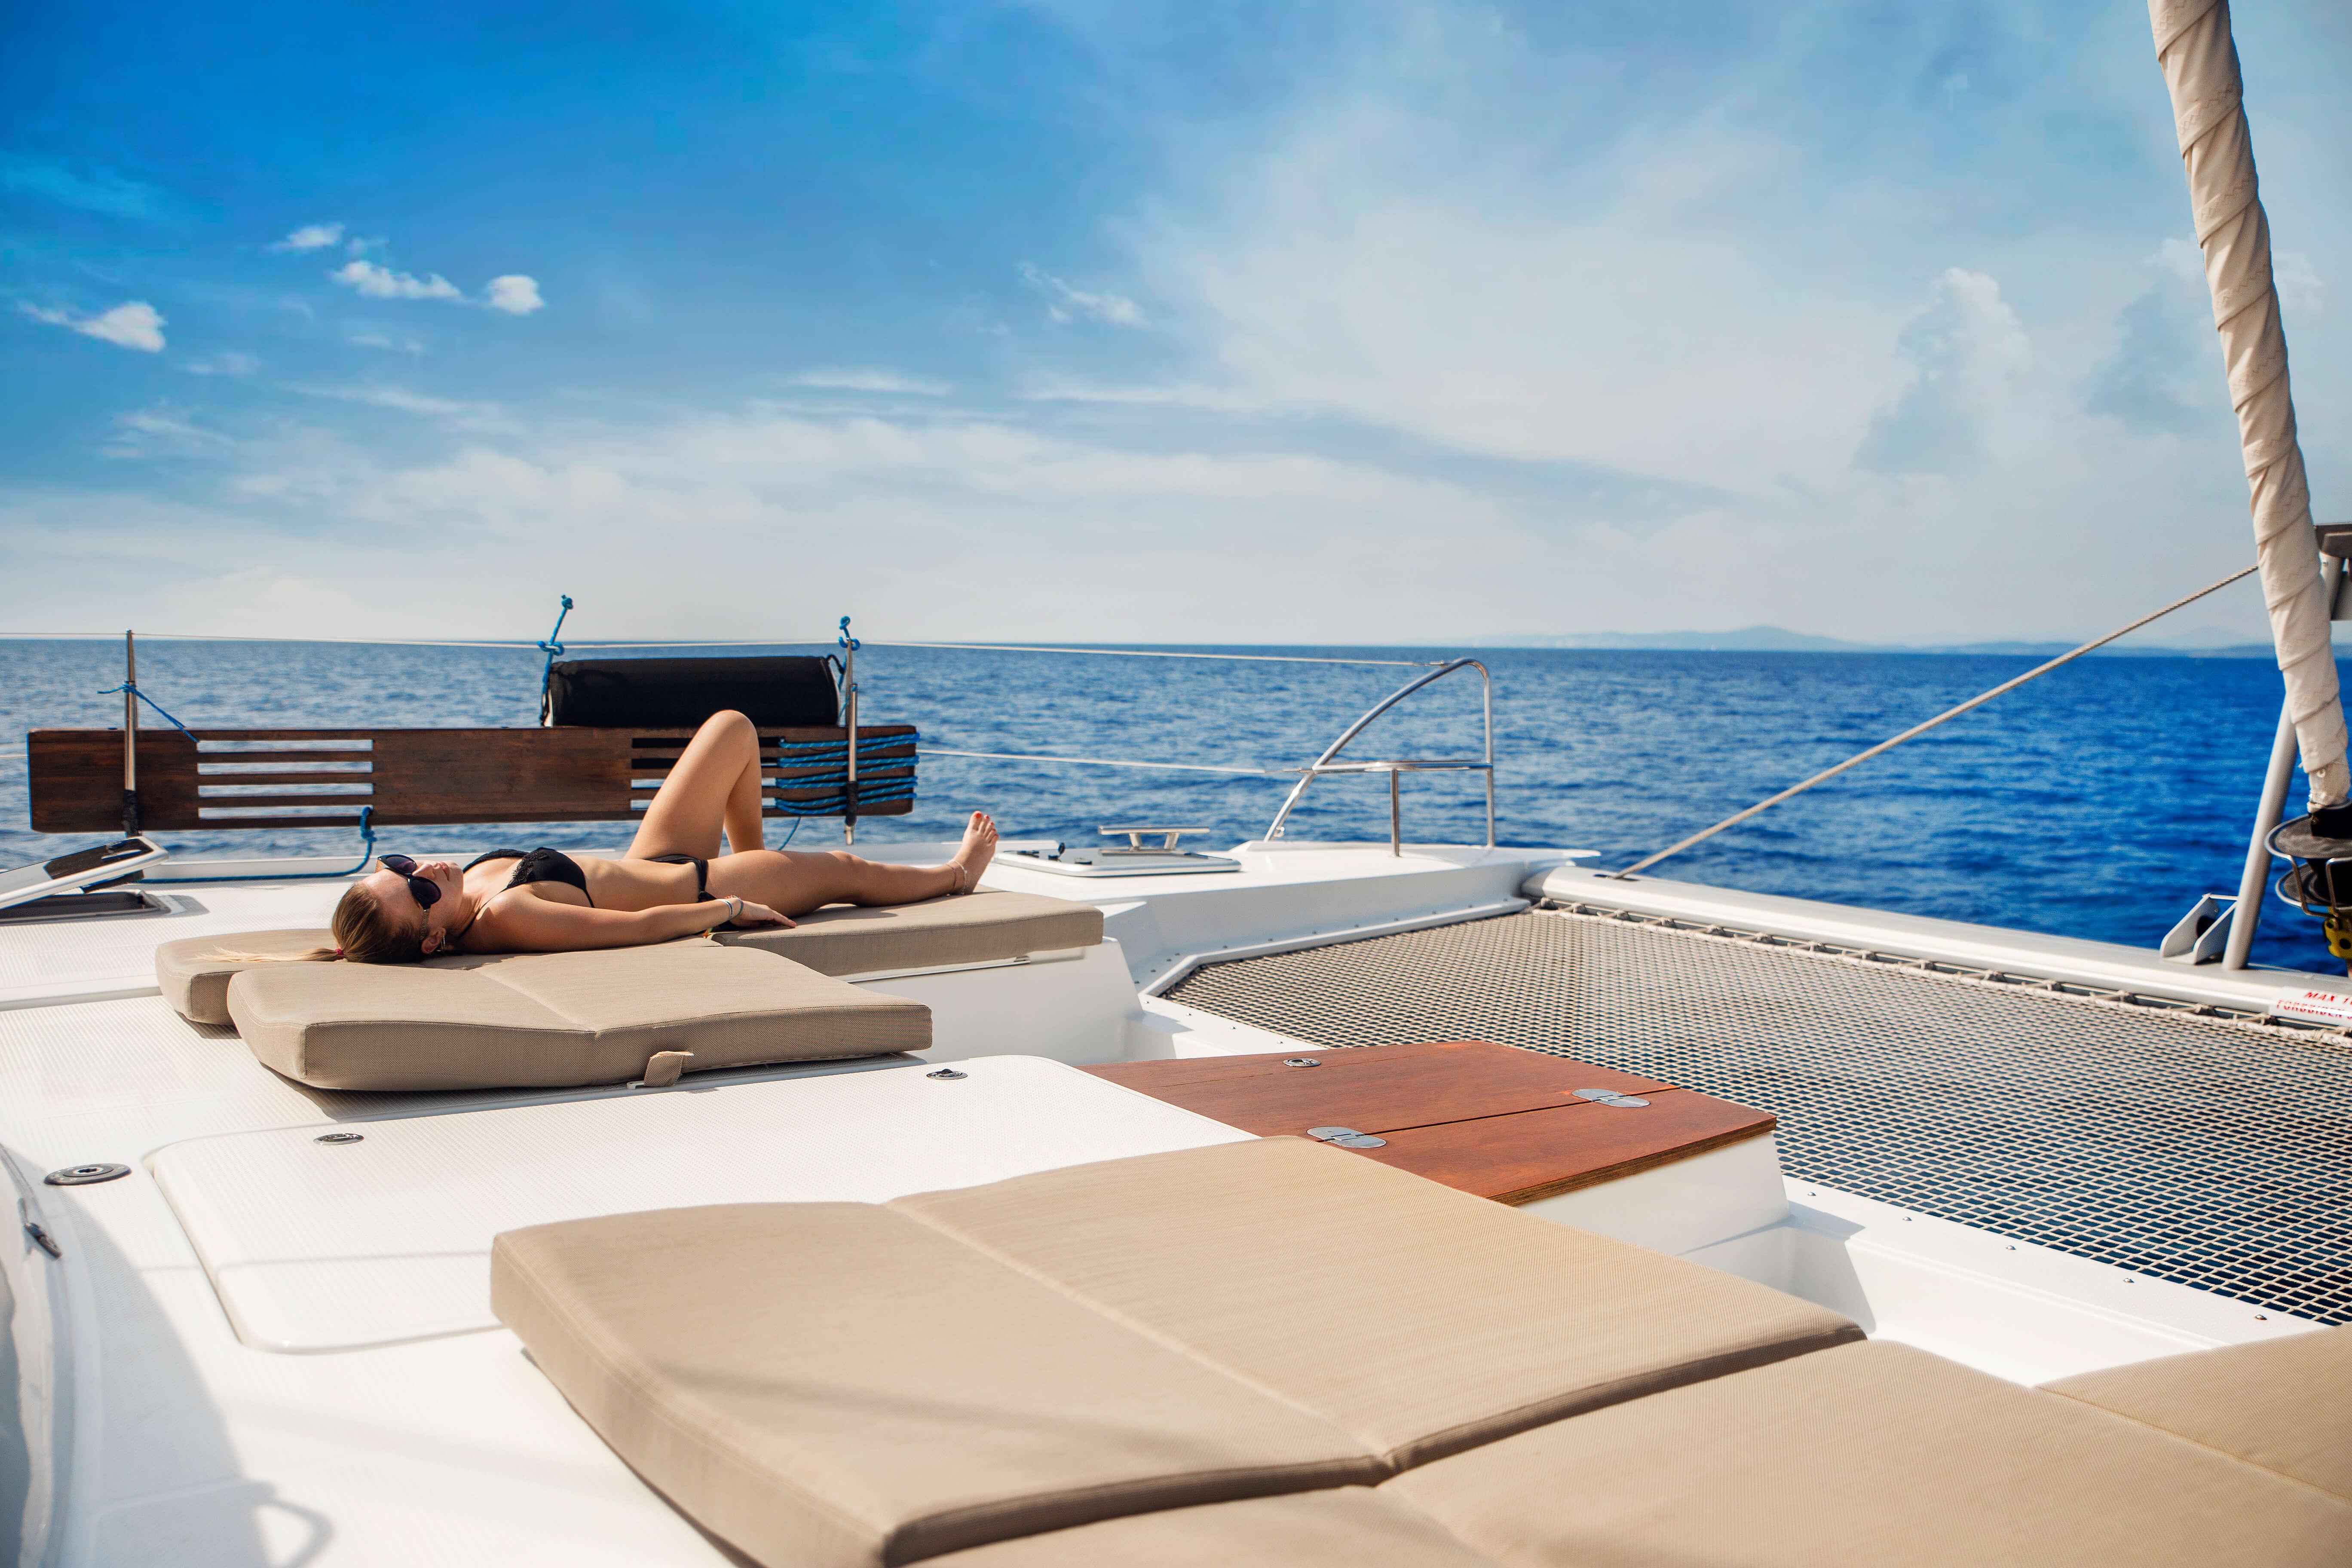 žena leží na luxusnej jachte na mori